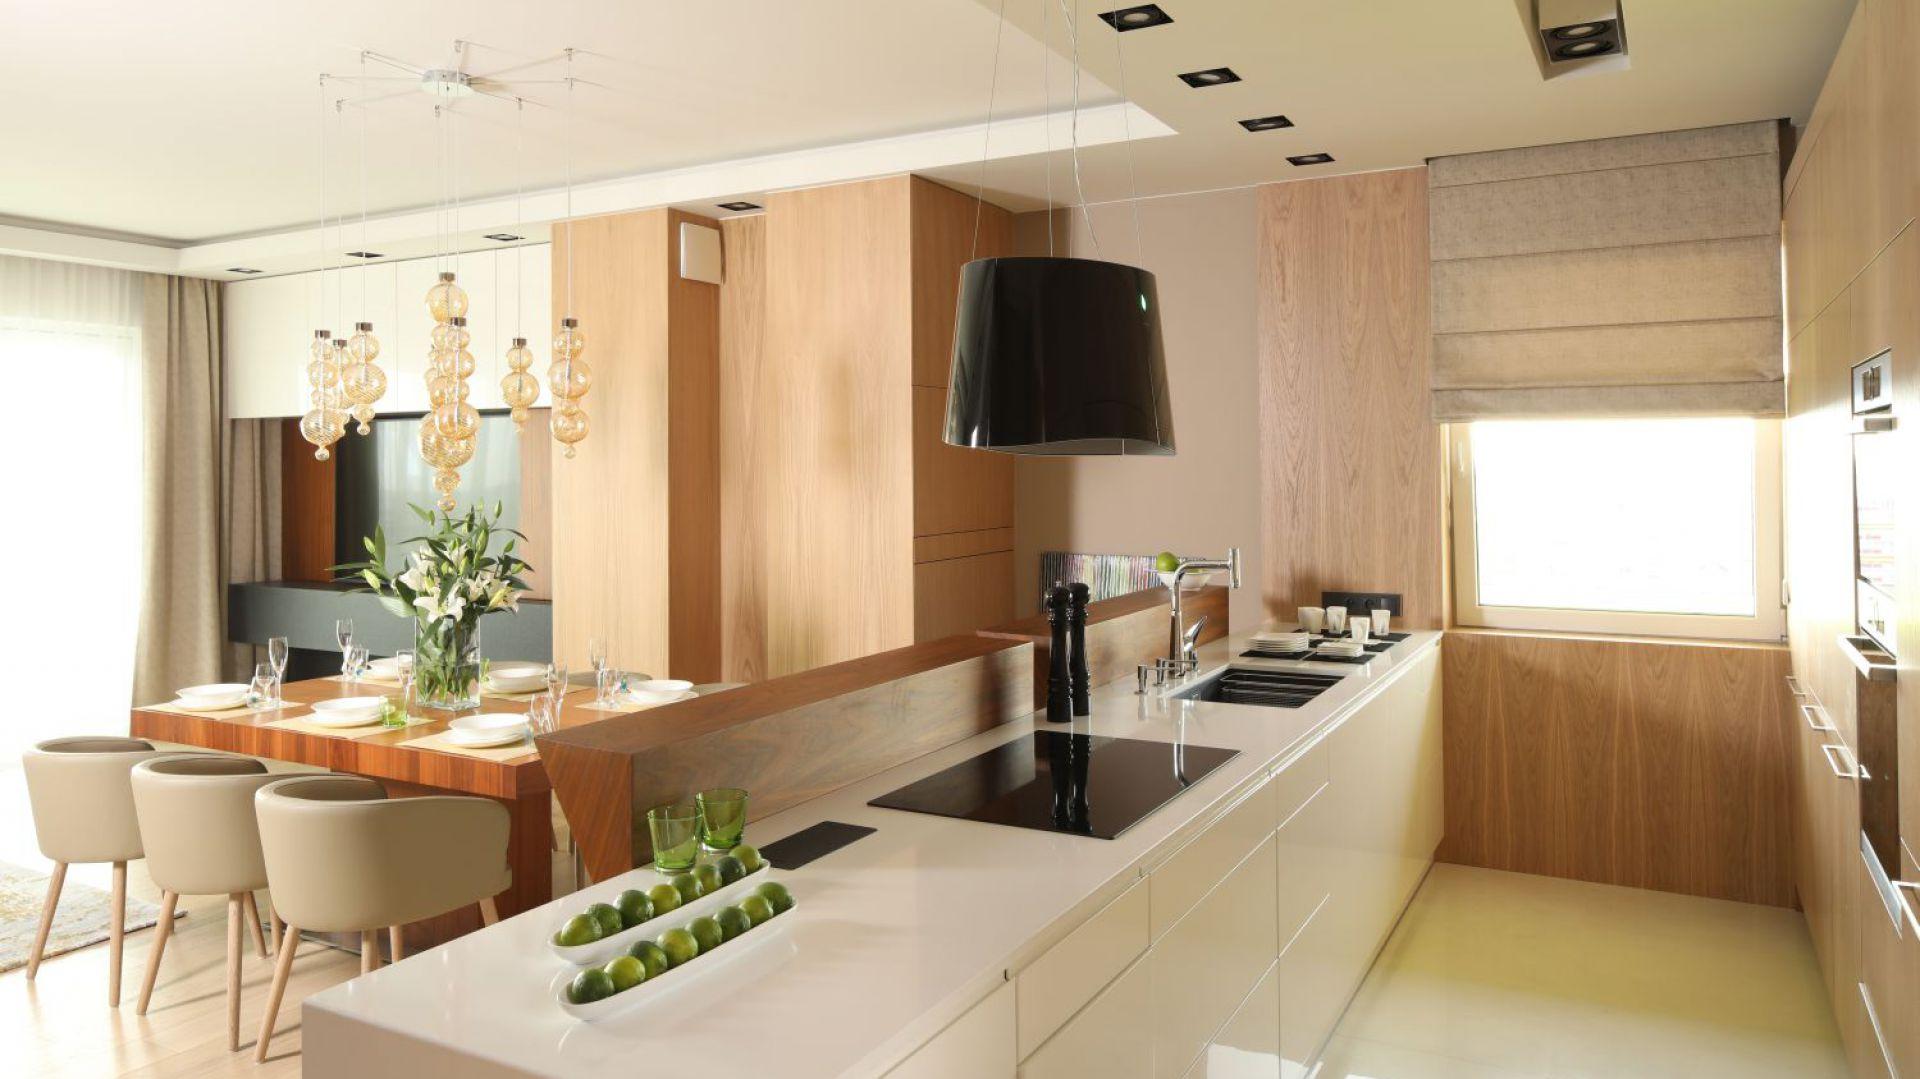 Salon z kuchnią otwartą. Projekt: Laura Sulzik. Fot. Bartosz Jarosz